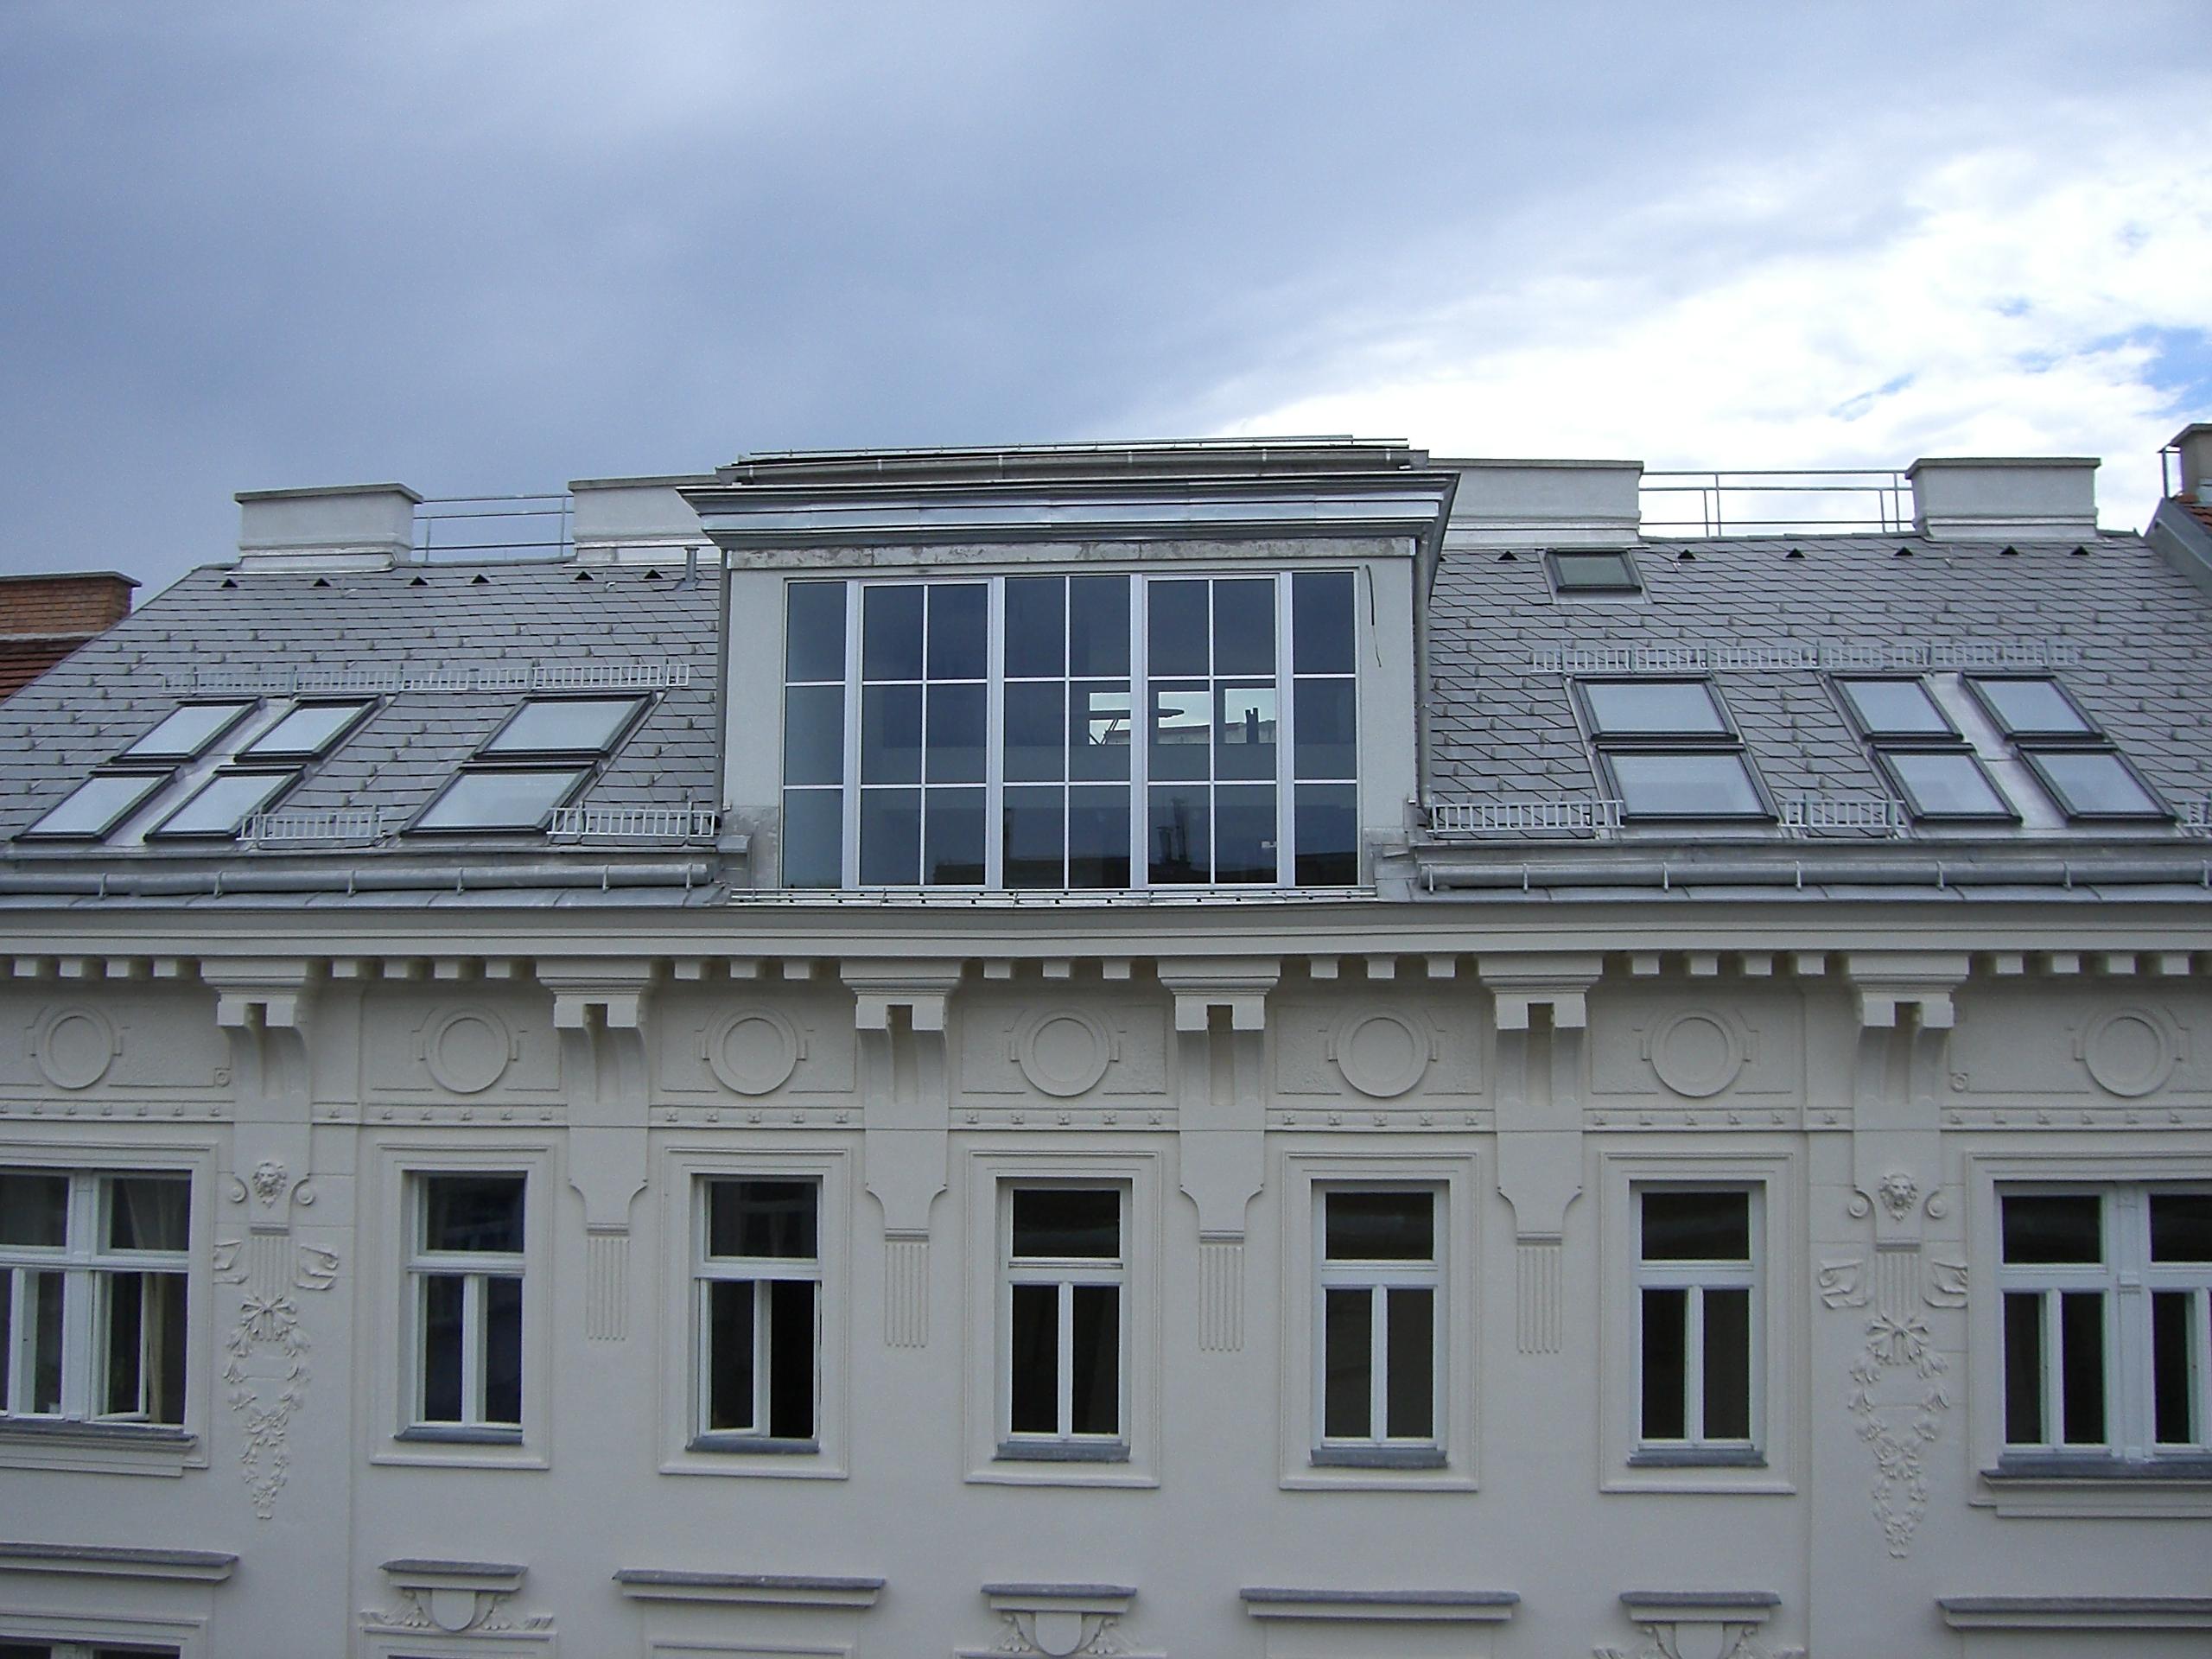 Marktg Aussen Fassade Dach strassenseitig